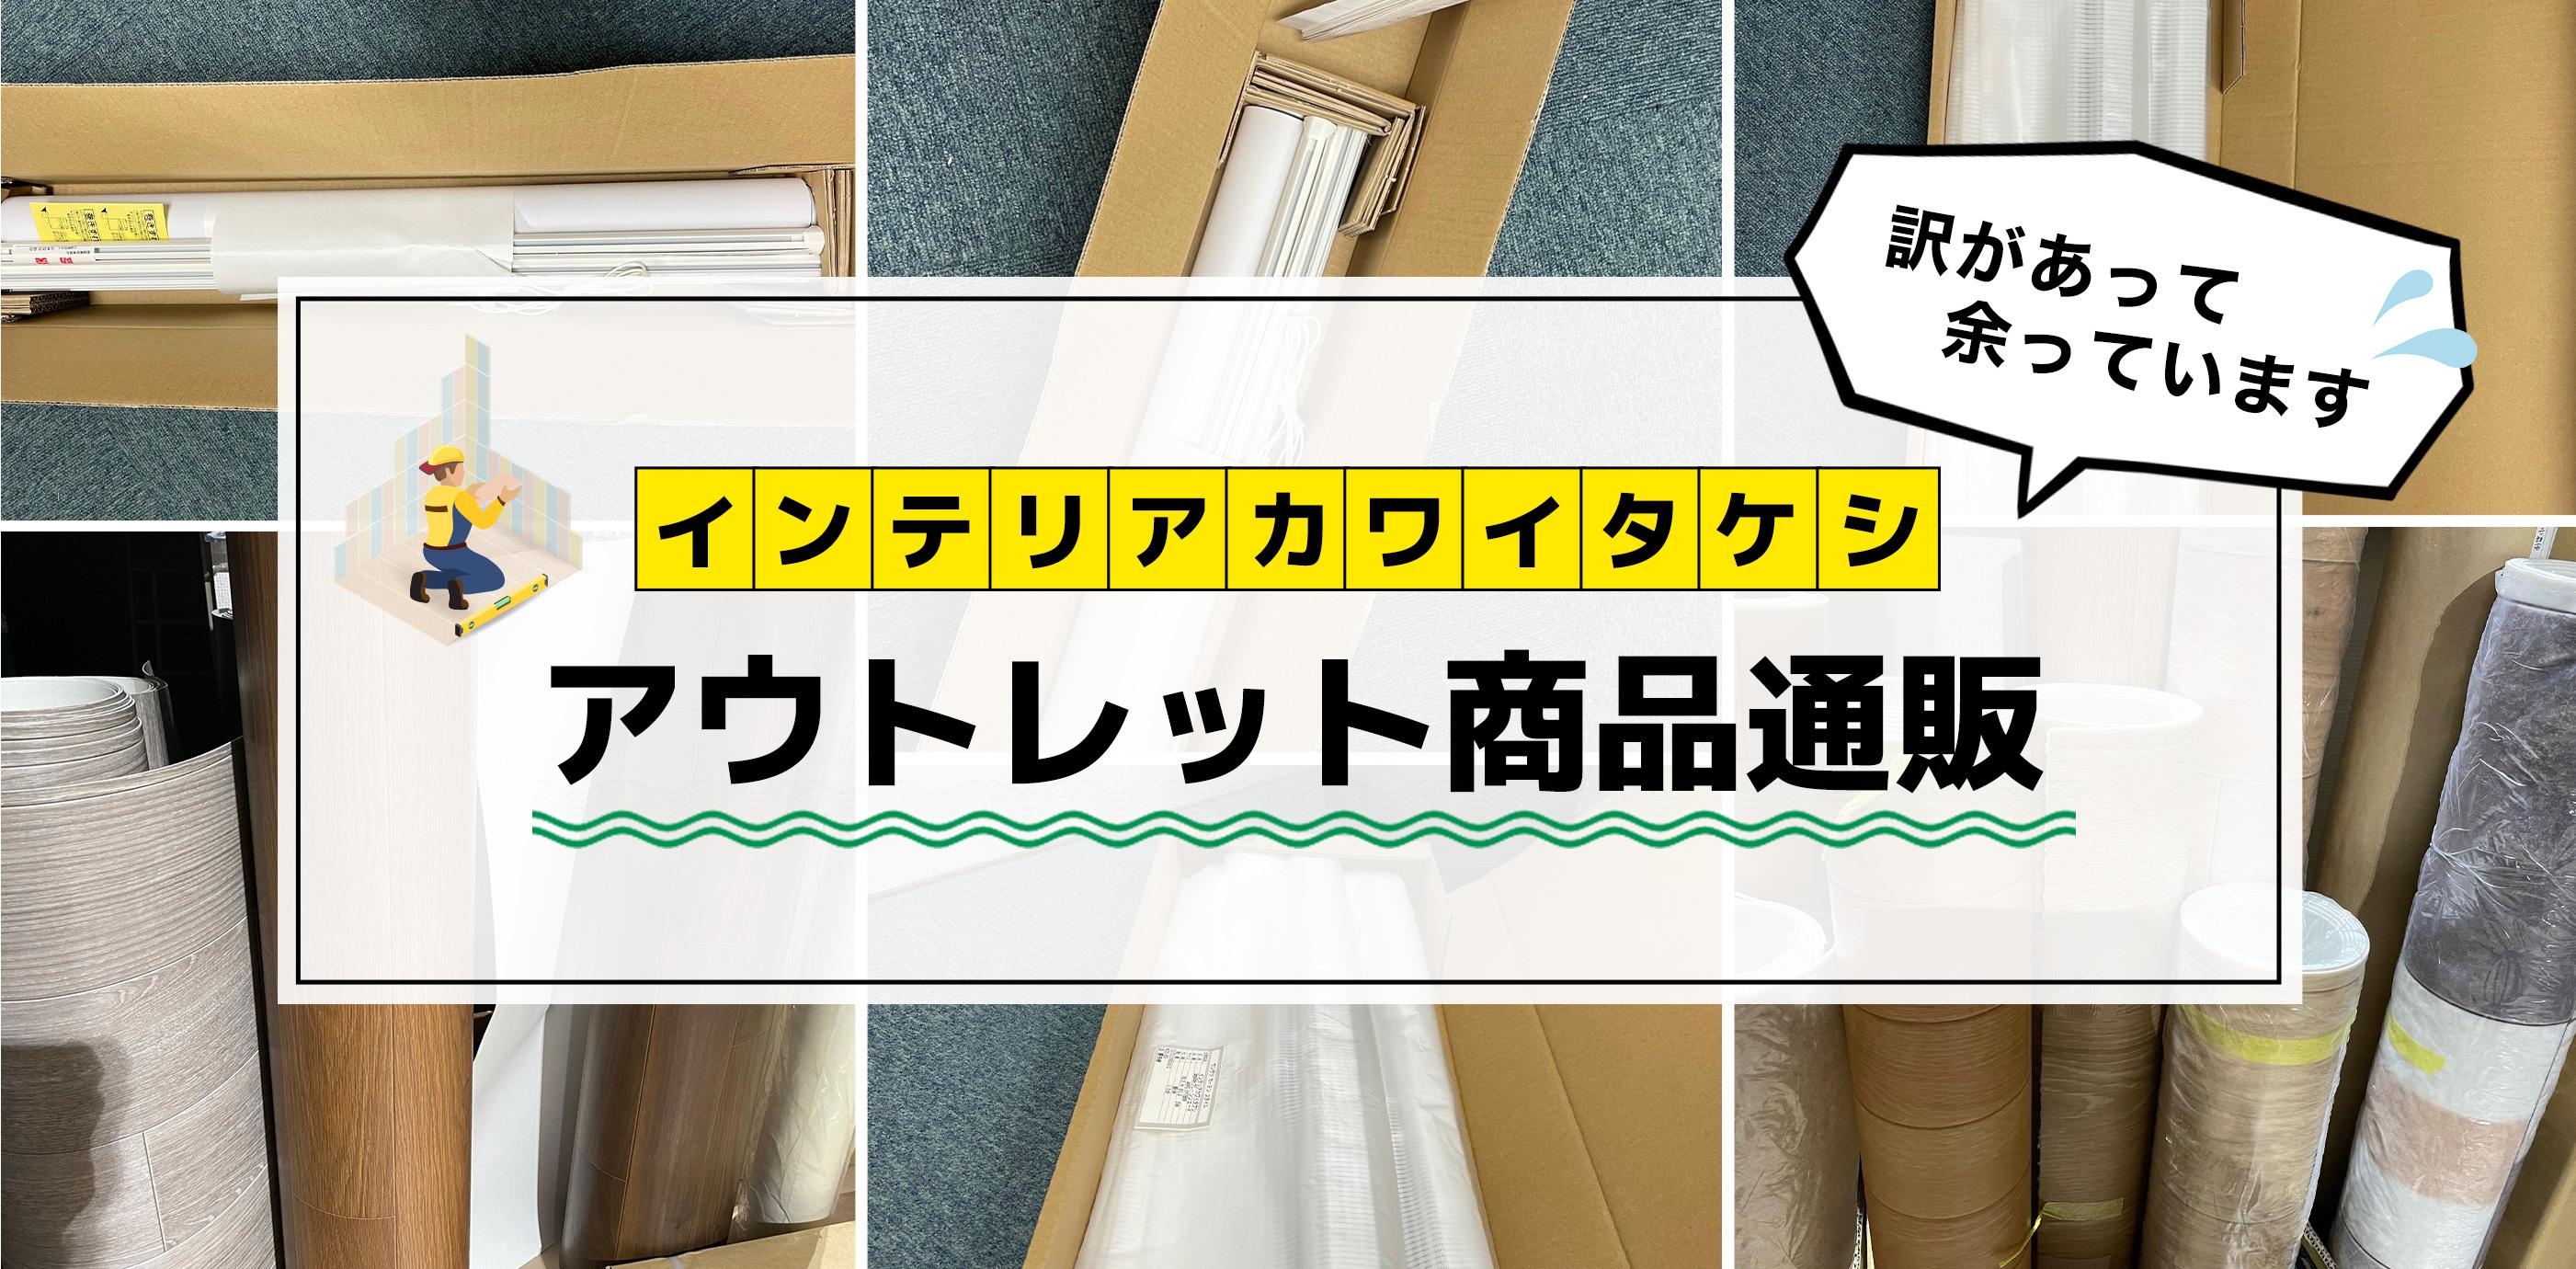 インテリアカワイタケシ通販サイト